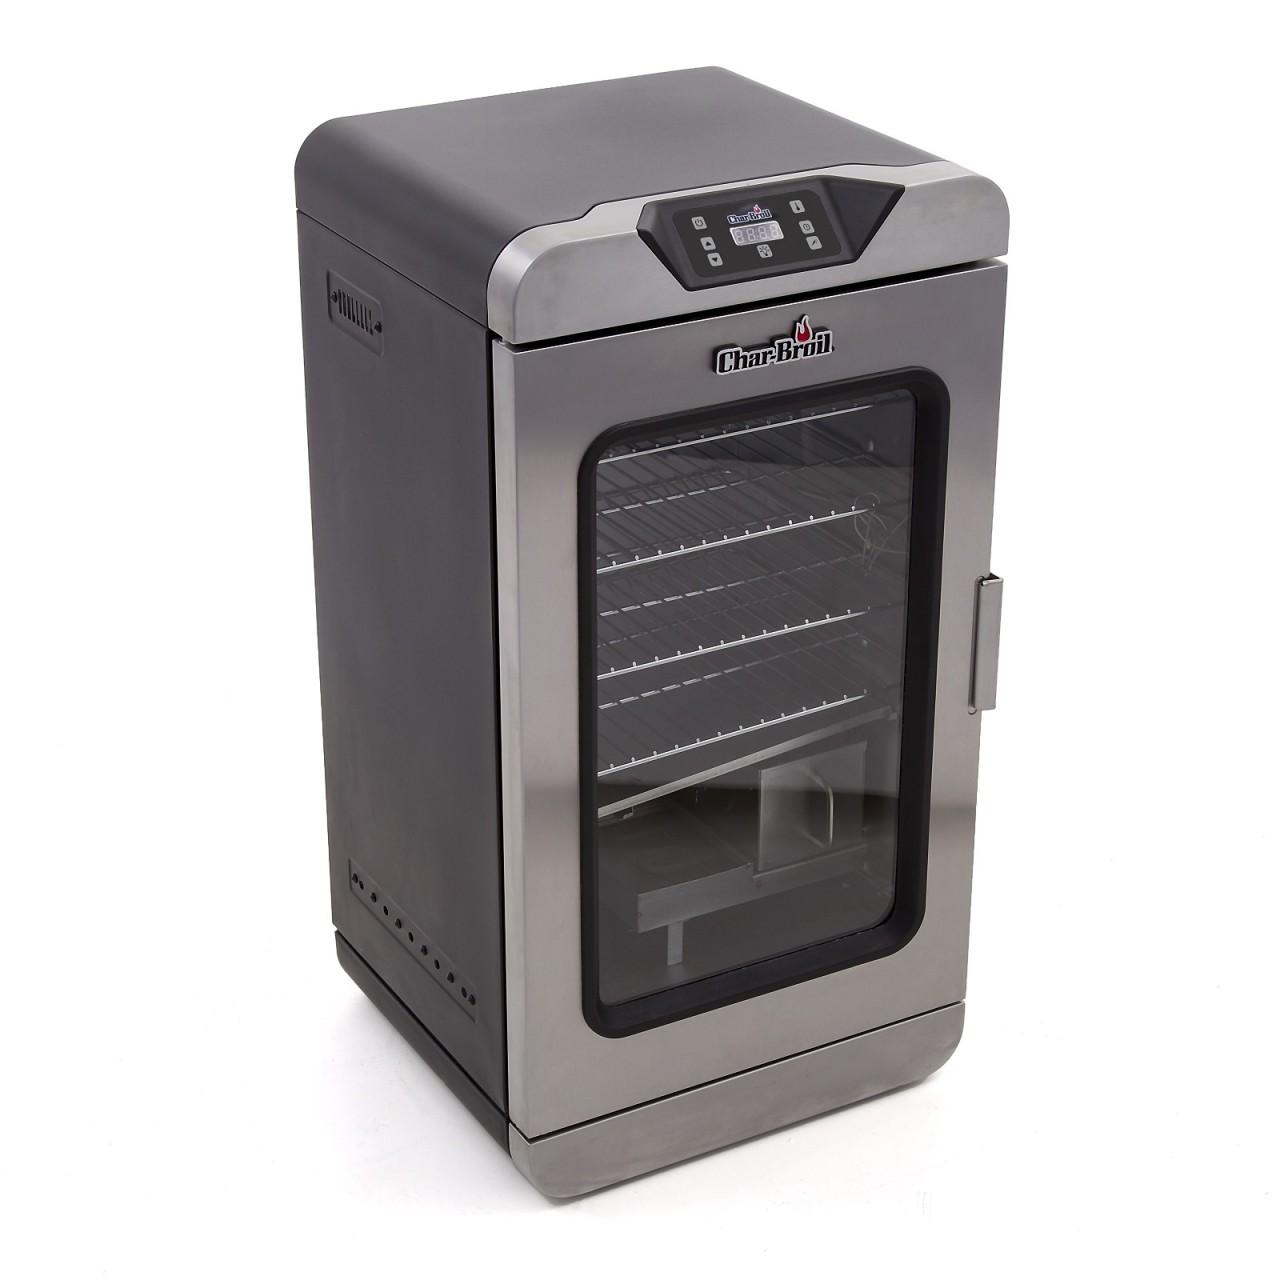 smoker grill preisvergleich die besten angebote online kaufen. Black Bedroom Furniture Sets. Home Design Ideas